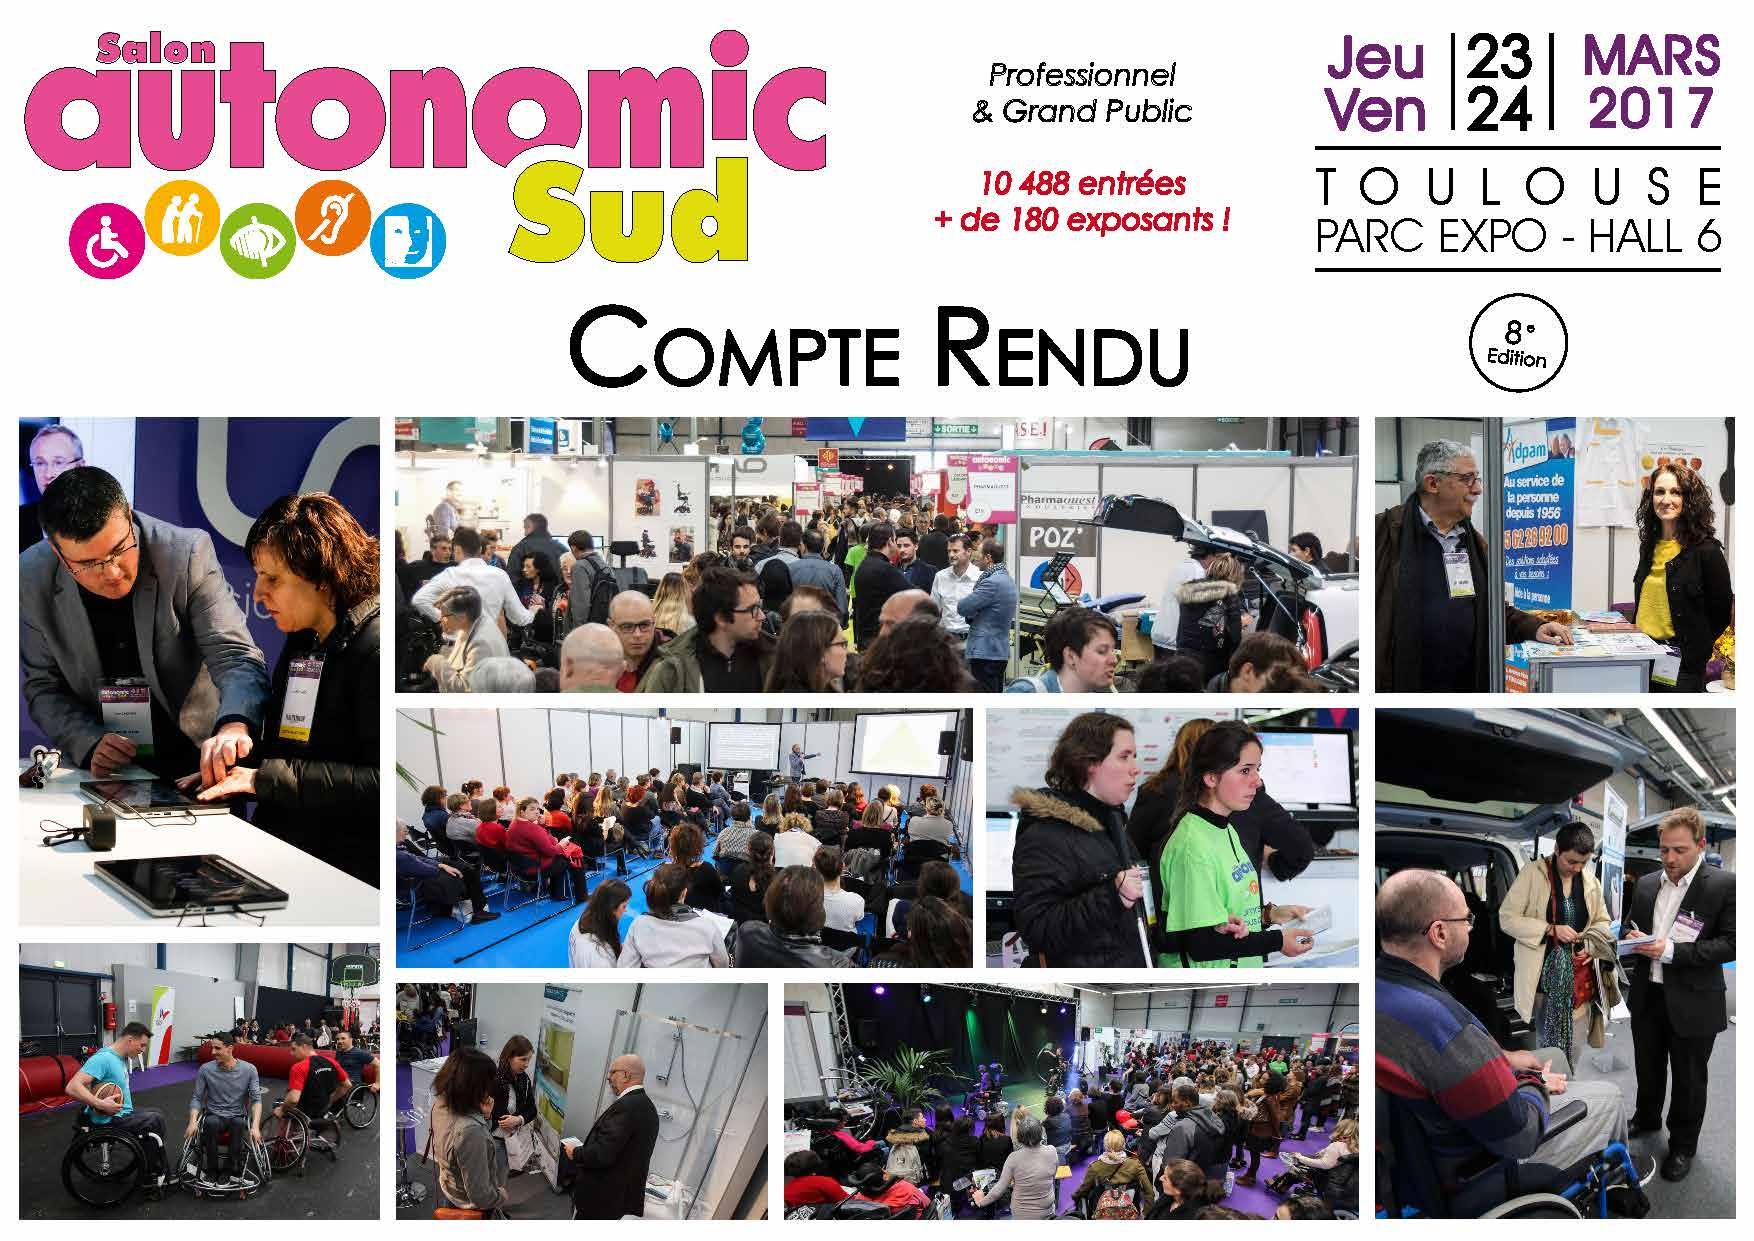 Compte rendu salon autonomic expo autonomic 8 salons for Salon autonomic 2017